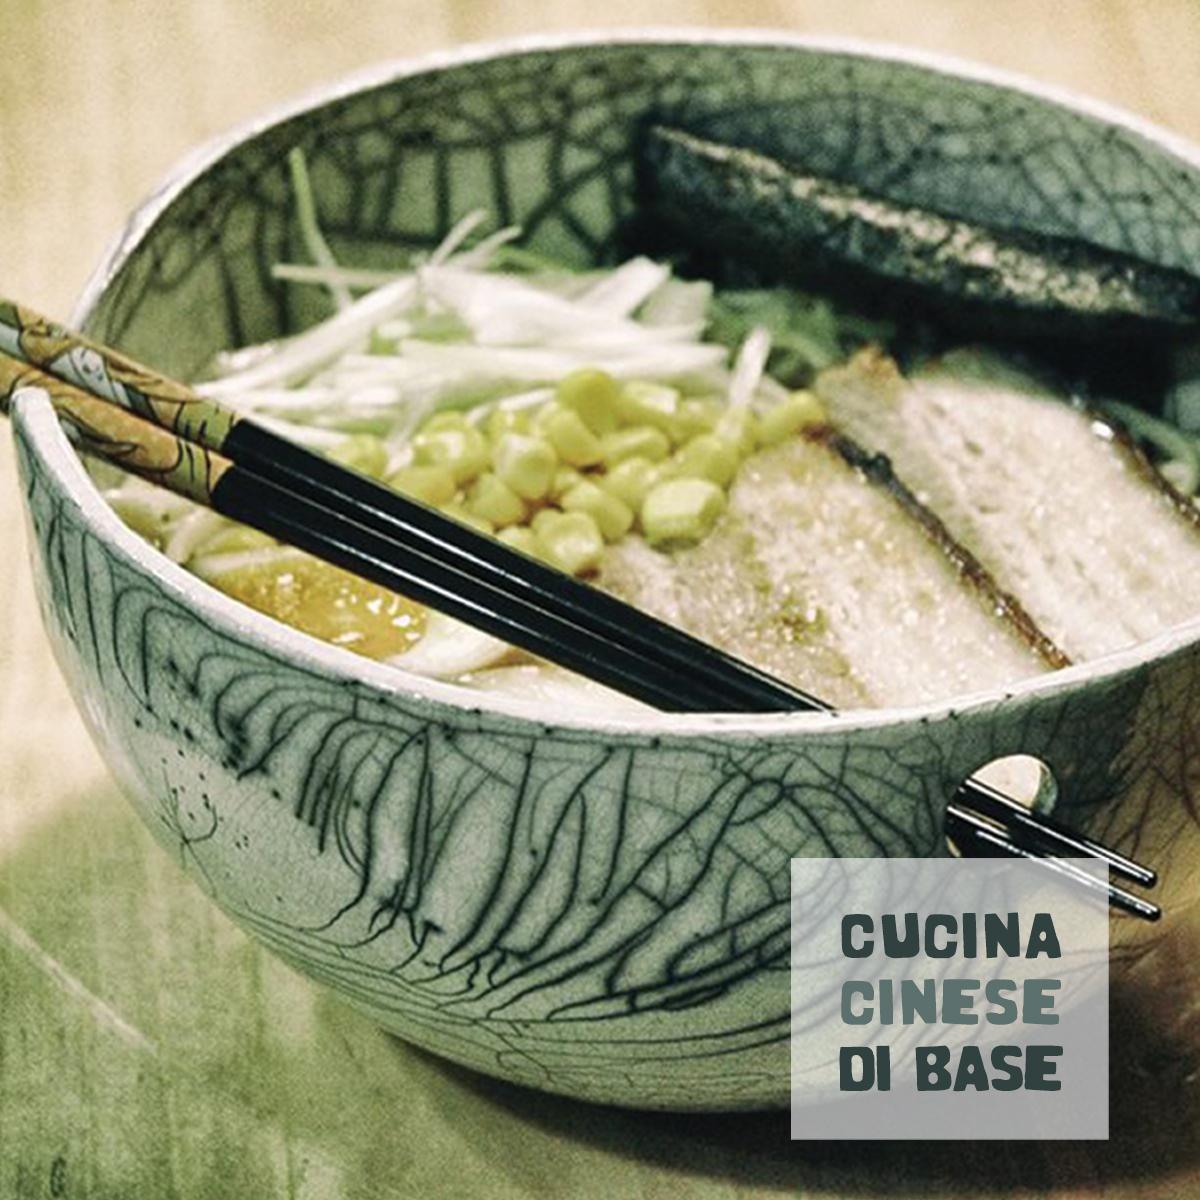 Cucina cinese di base